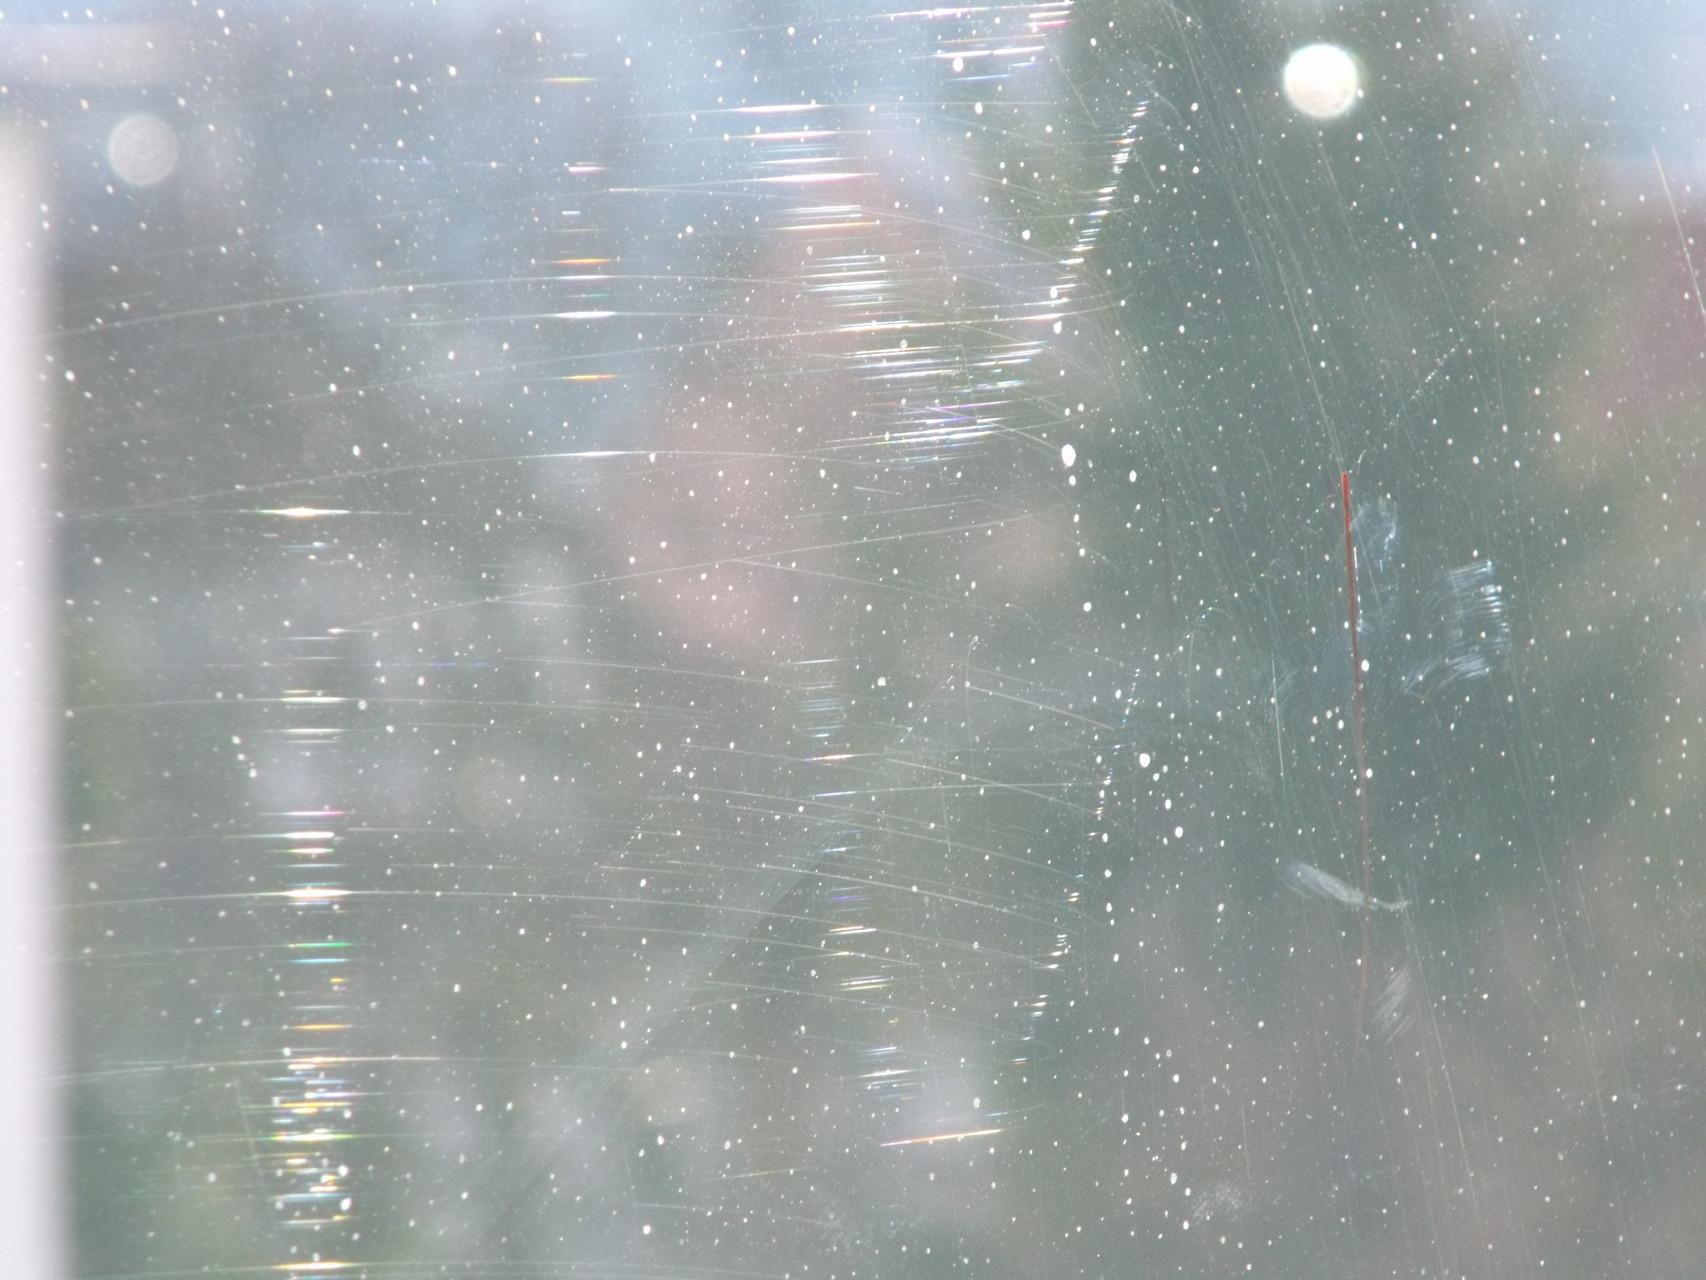 Glaskratzer durch fehlerhafte Reinigung - Flächig verkratzte Fensterscheibe